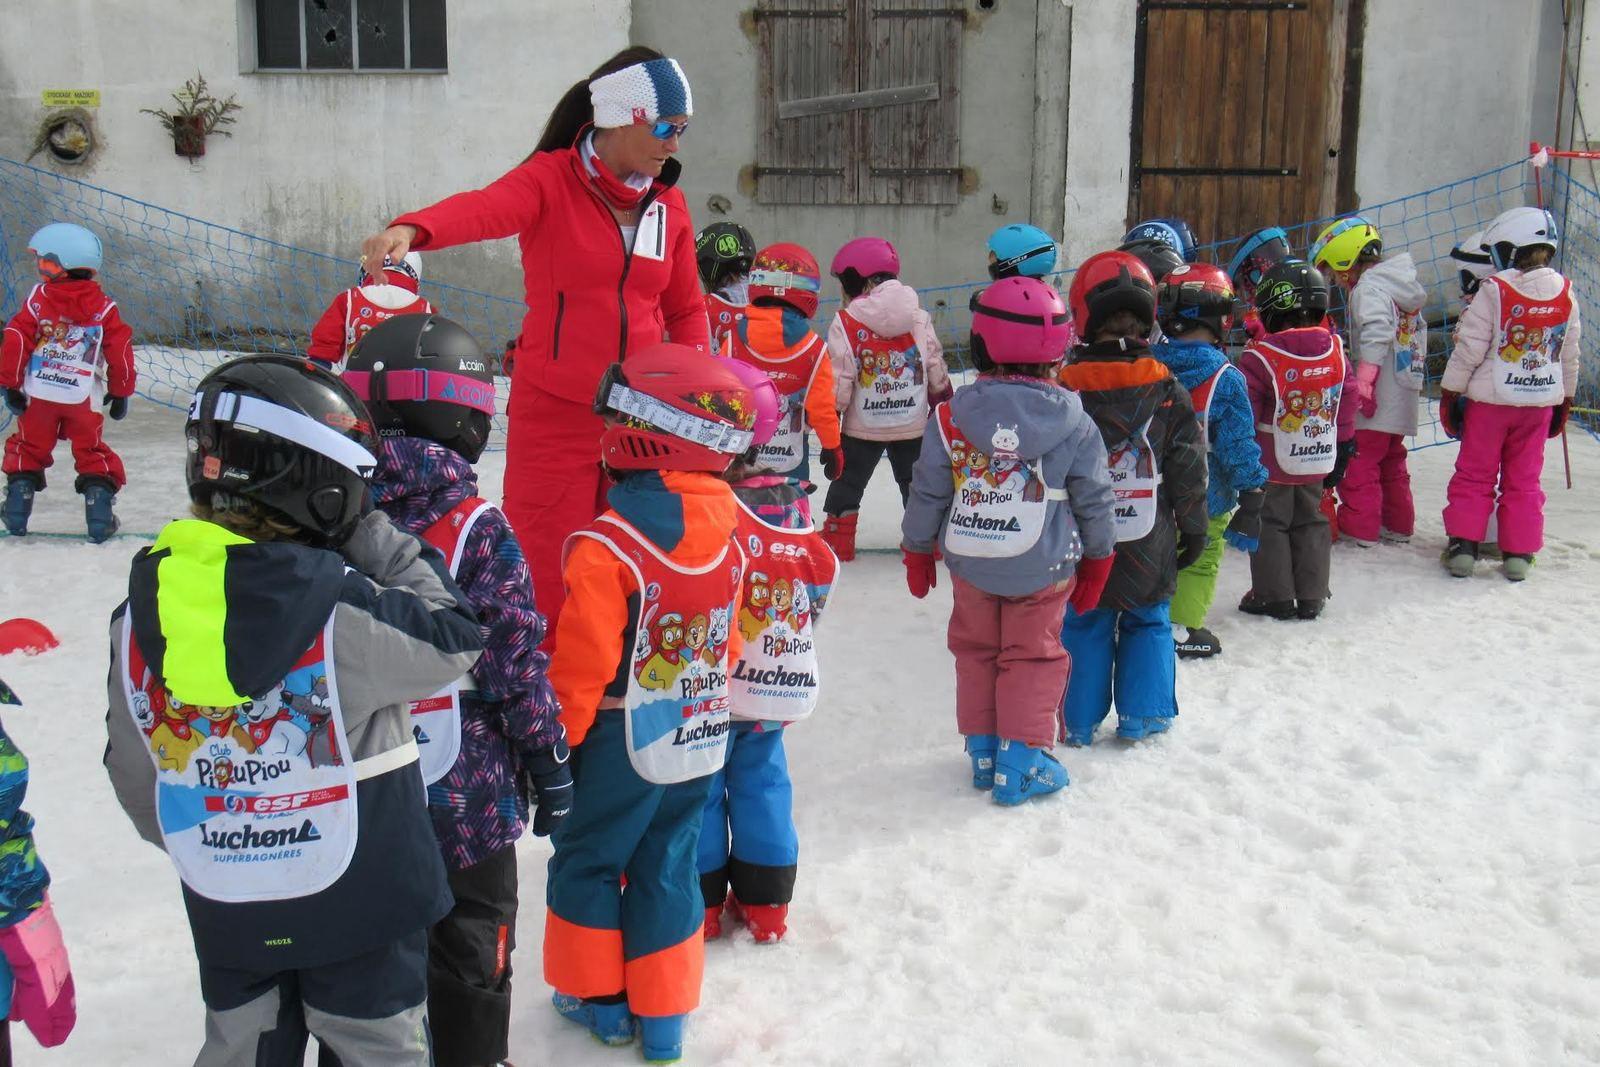 Luchon-Superbagnères : les Piou-Piou font du ski...